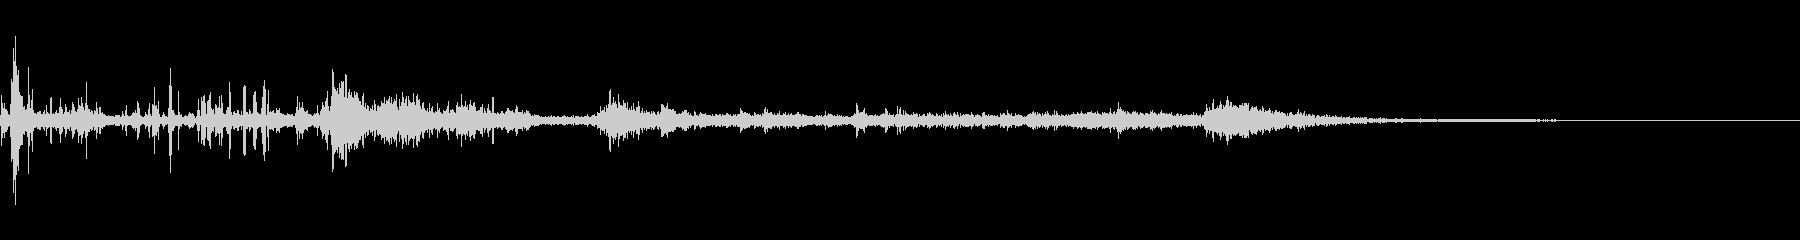 カミナリ(遠雷)-32の未再生の波形